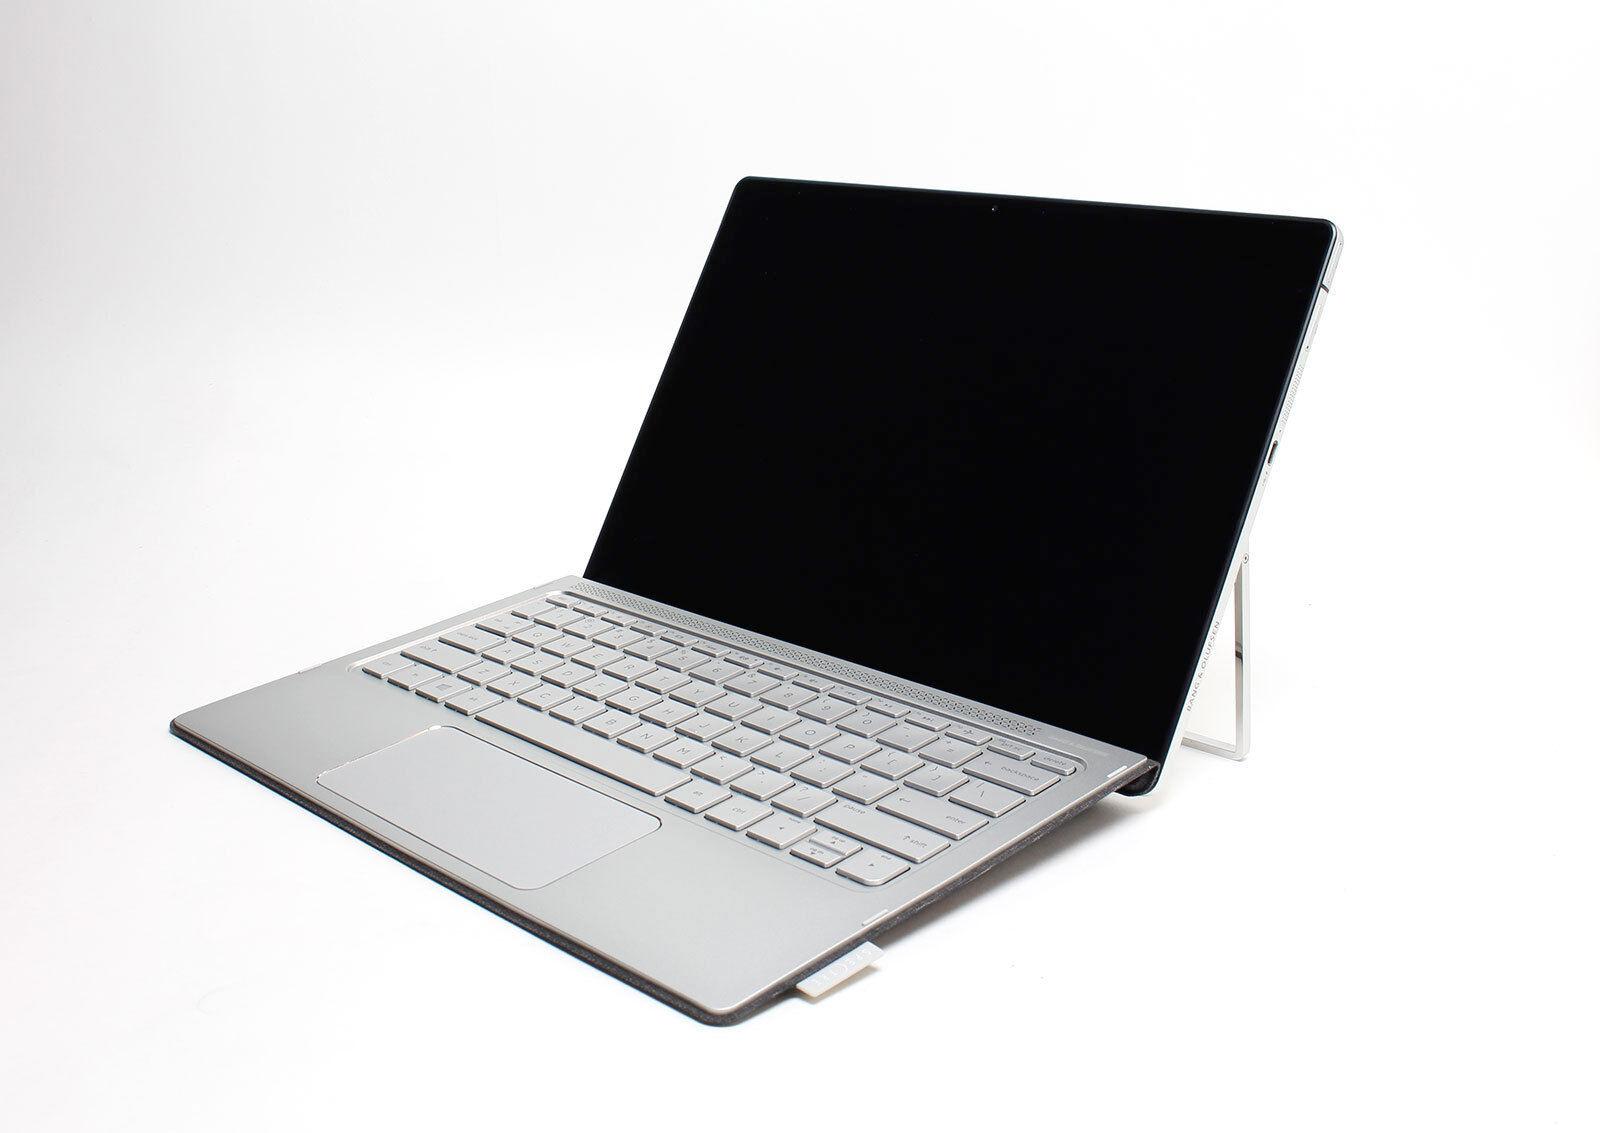 HP Spectre x2 12-a001cy - 12